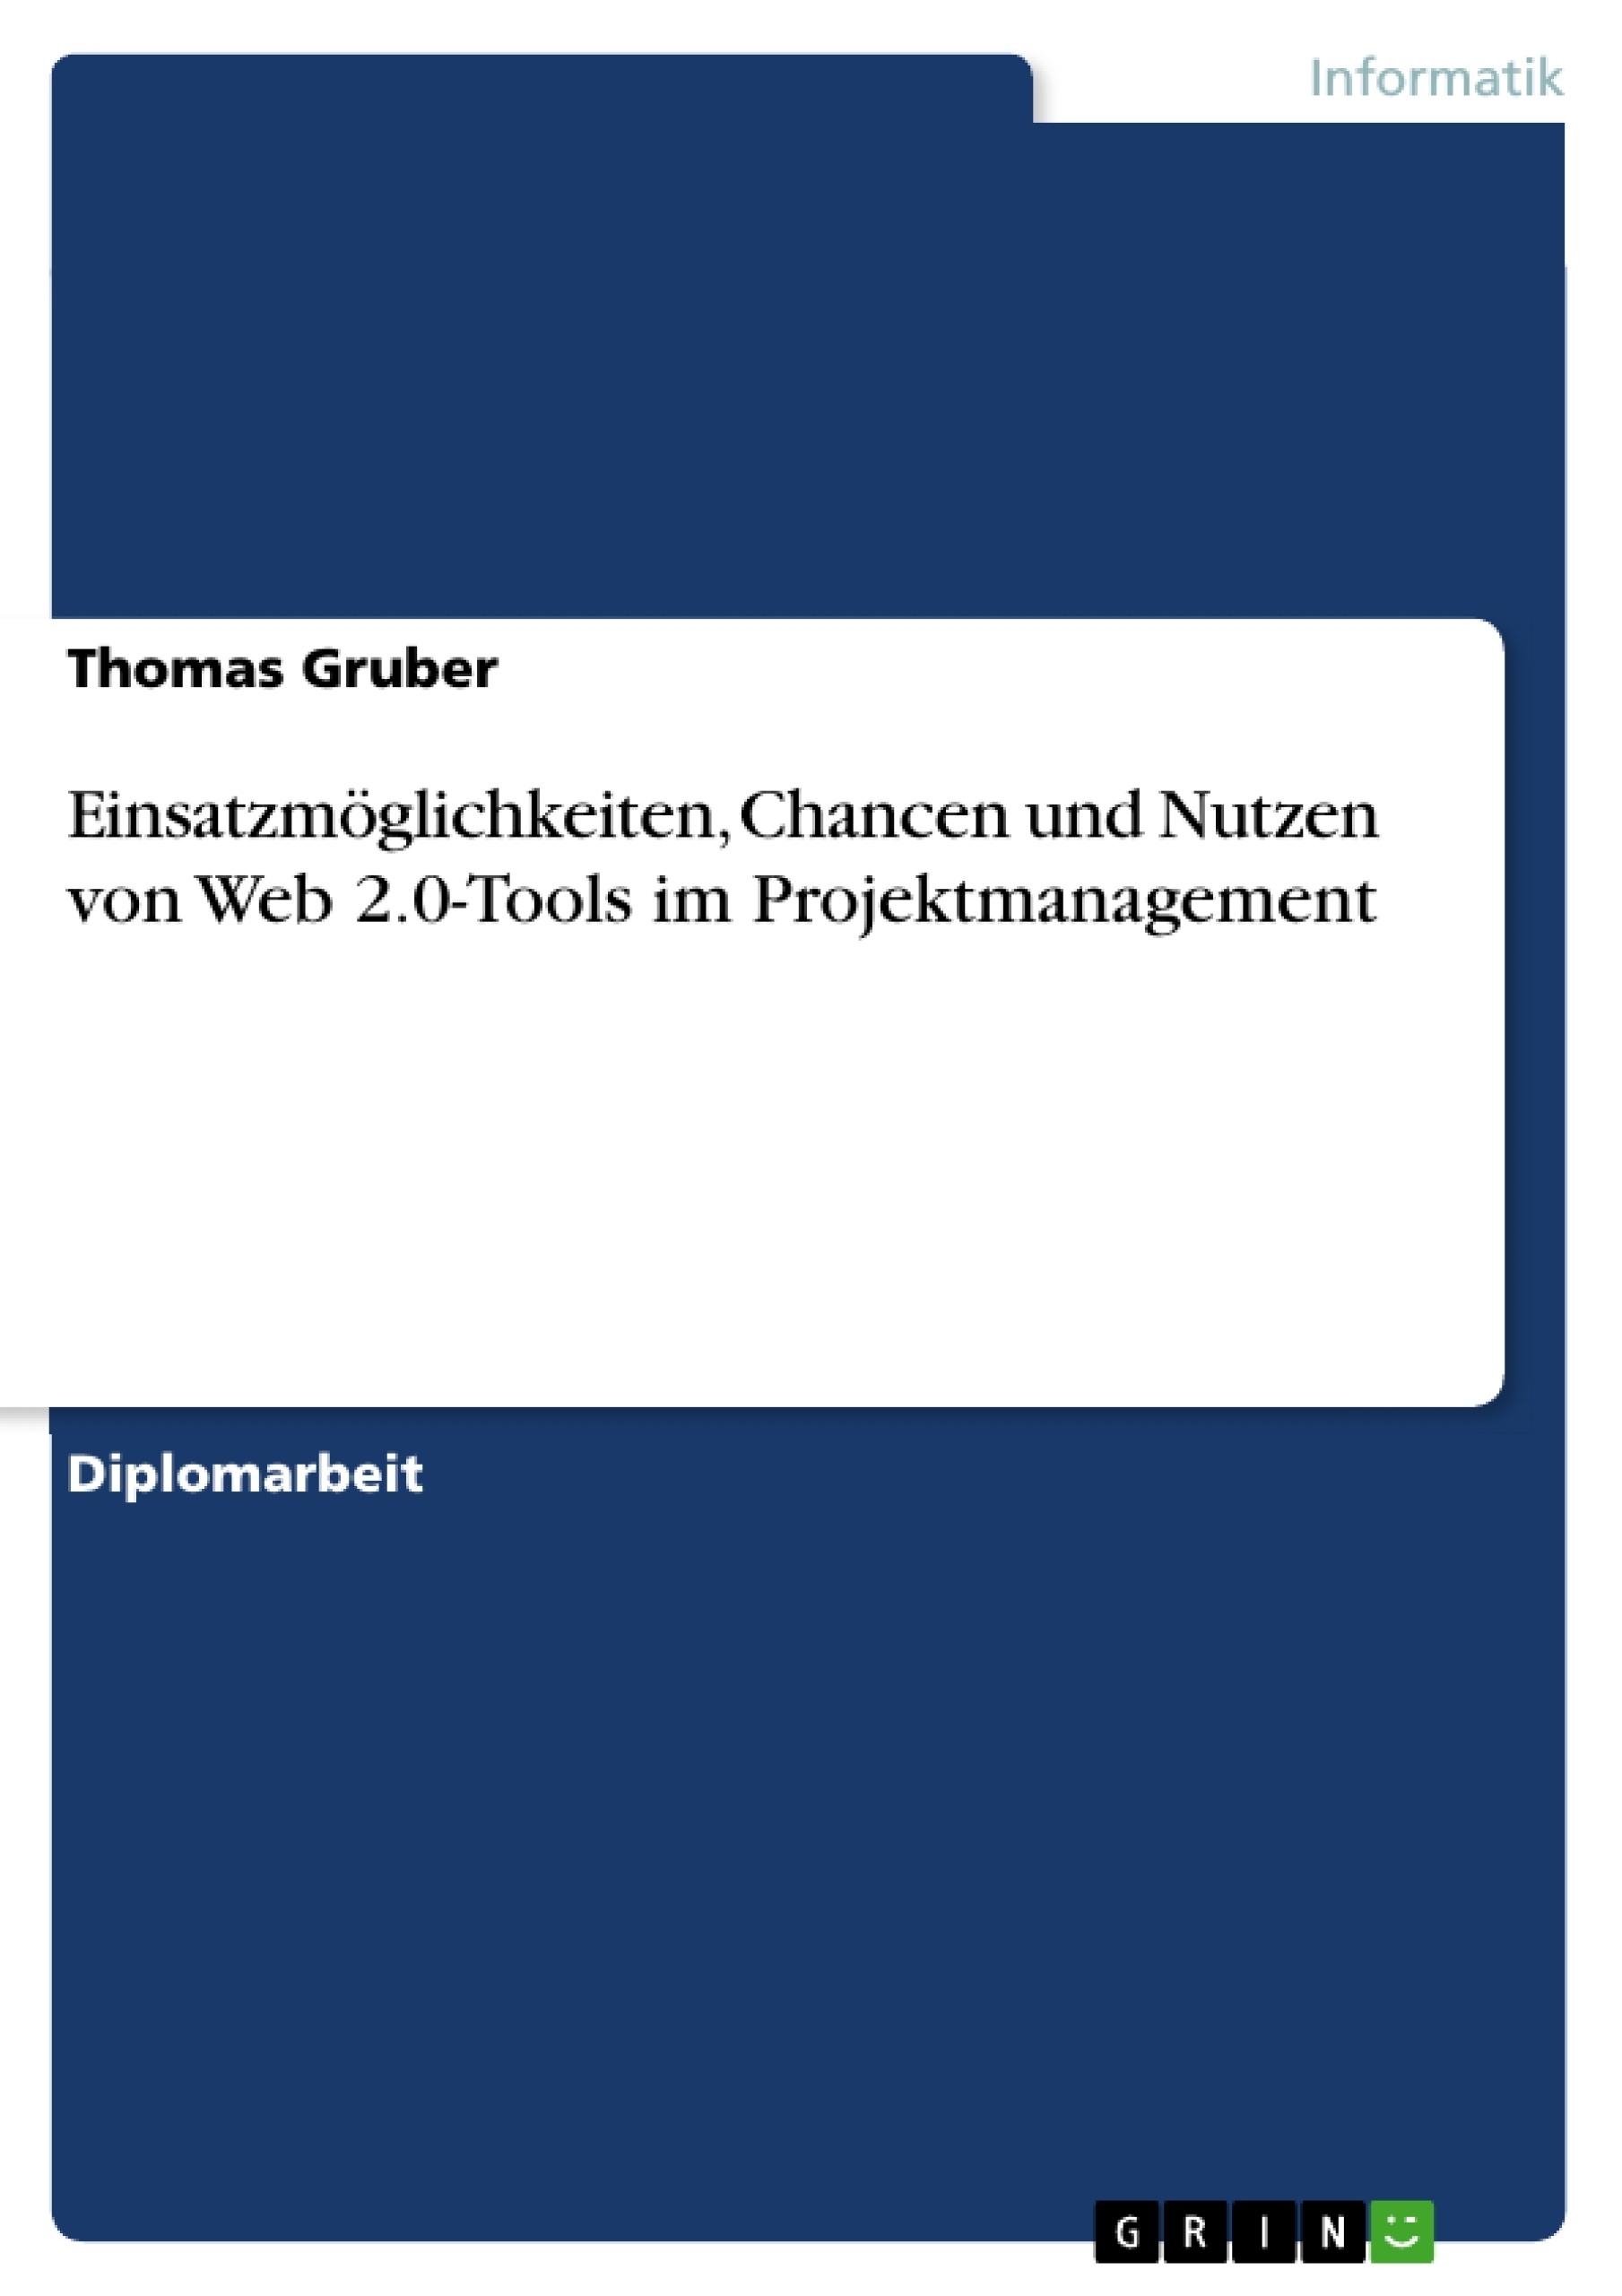 Titel: Einsatzmöglichkeiten, Chancen und Nutzen von Web 2.0-Tools im Projektmanagement